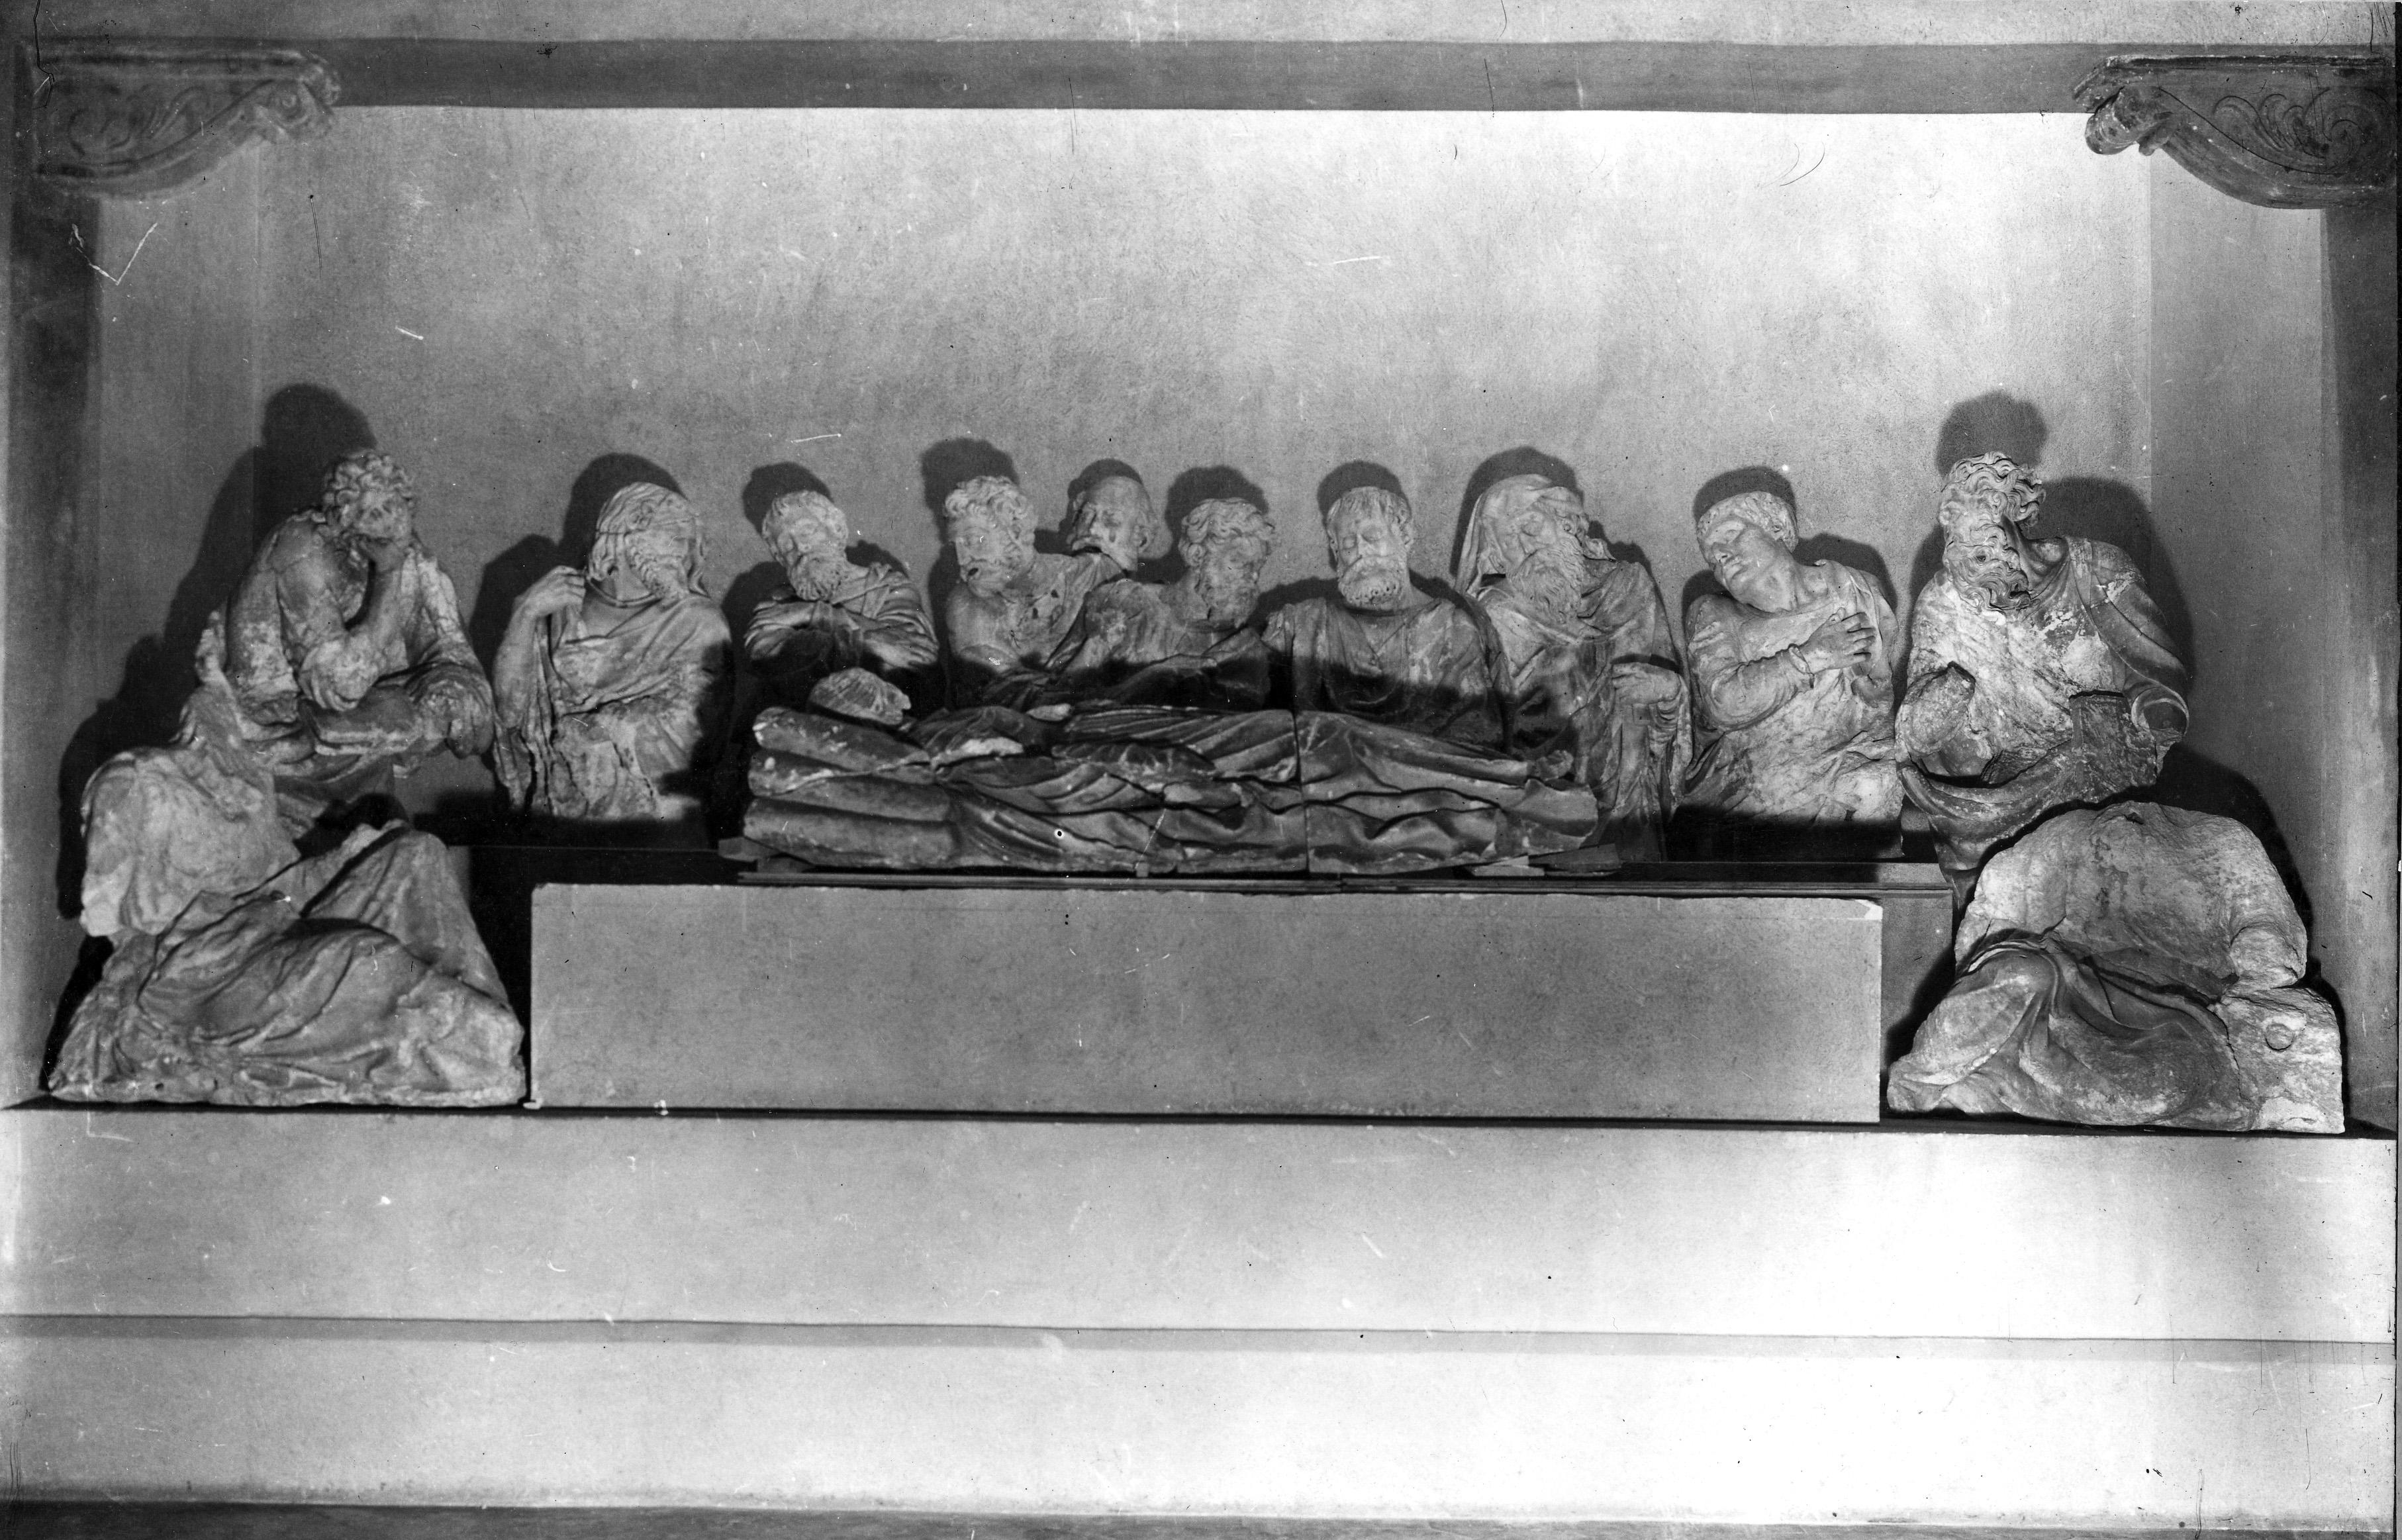 L'obra al Museu d'Art de Catalunya l'any 1943